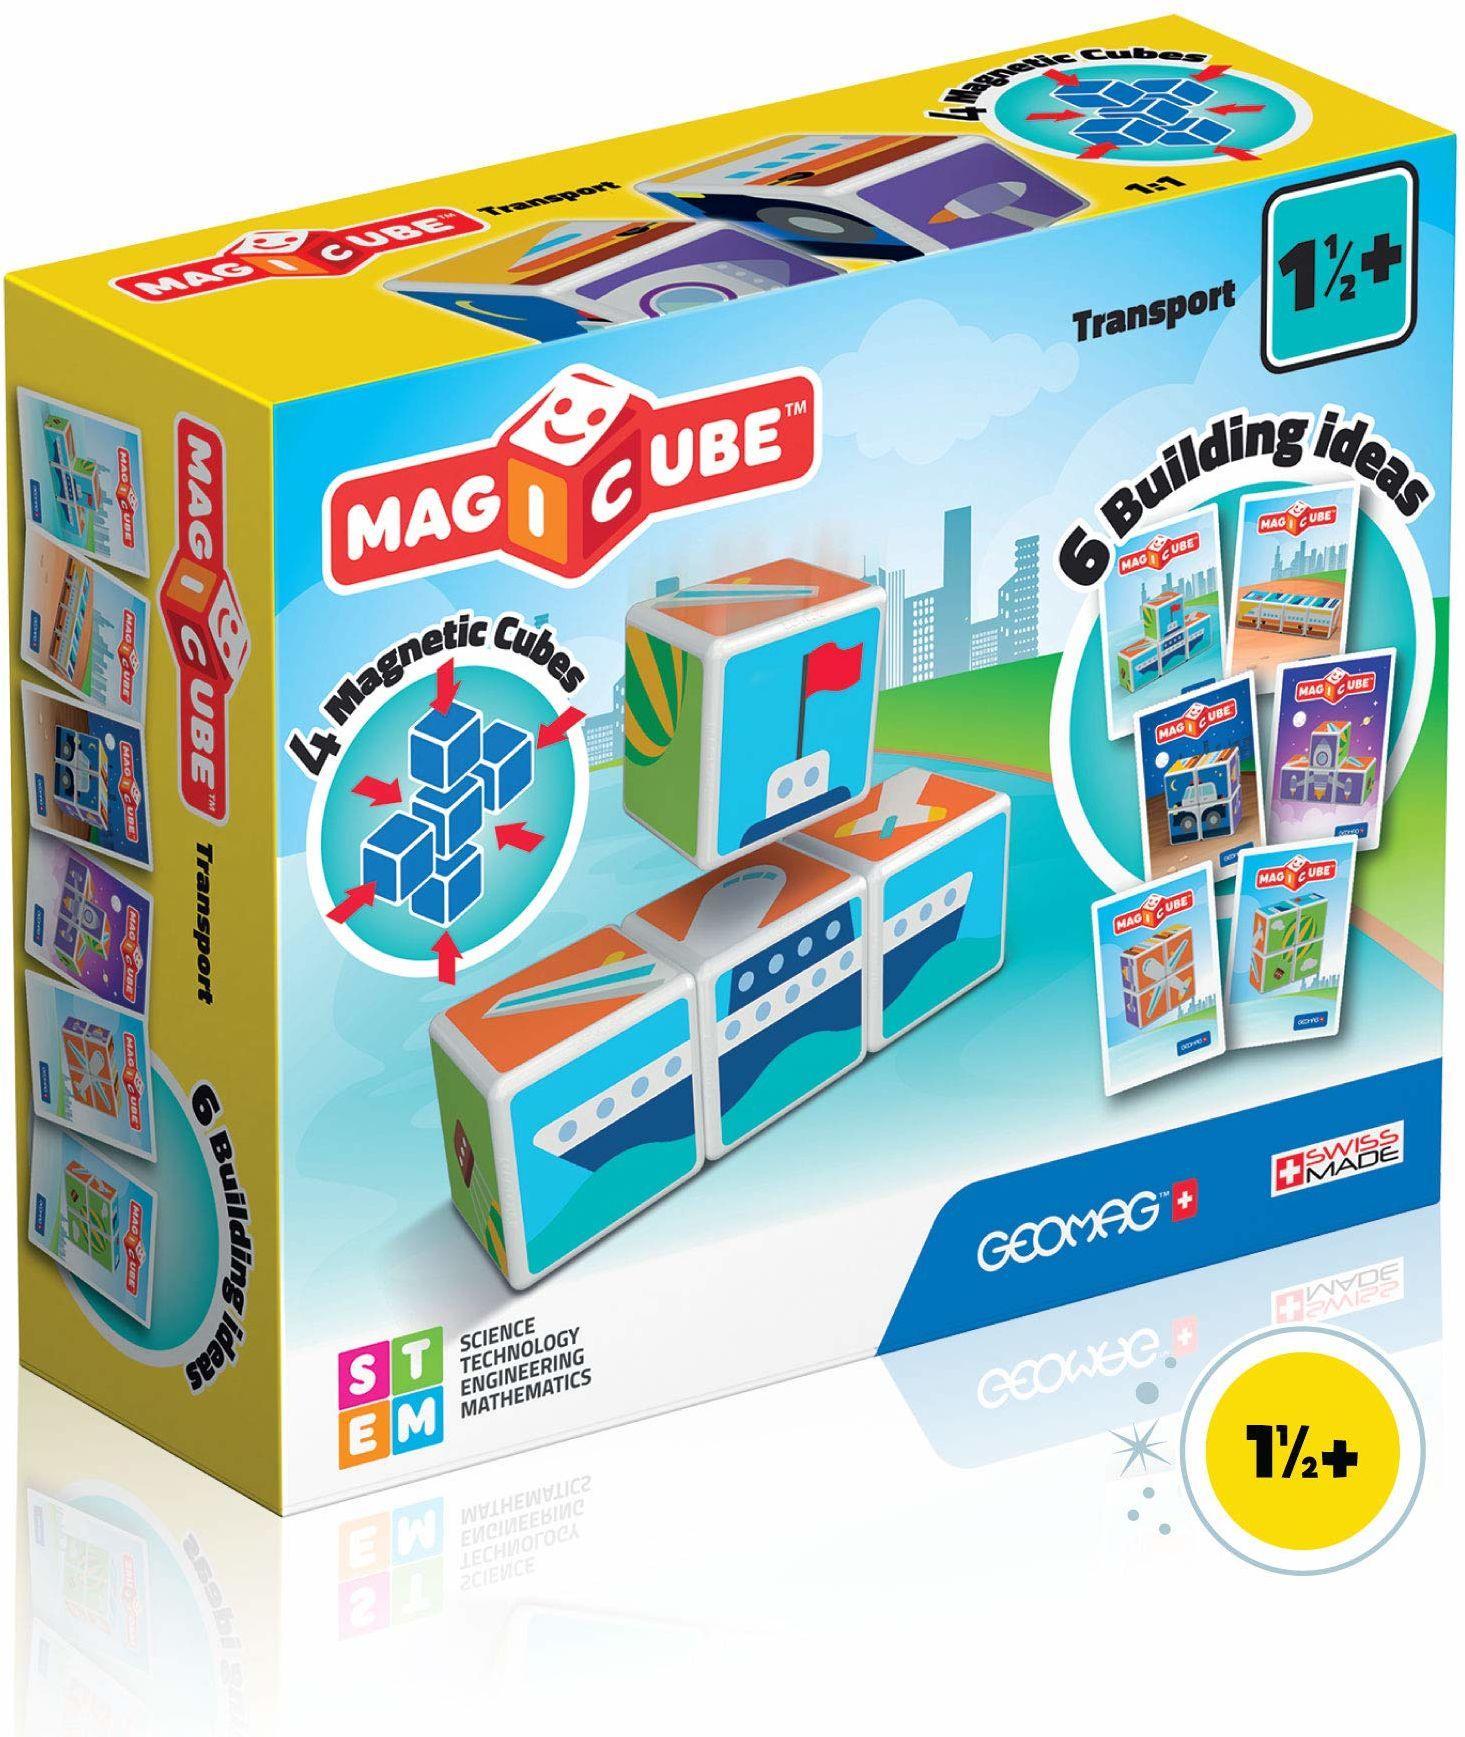 Zabawka konstrukcyjna Geomag-Transport z kostkami magnetycznymi, magnesami, wielokolorowa, 4 kubki, 122